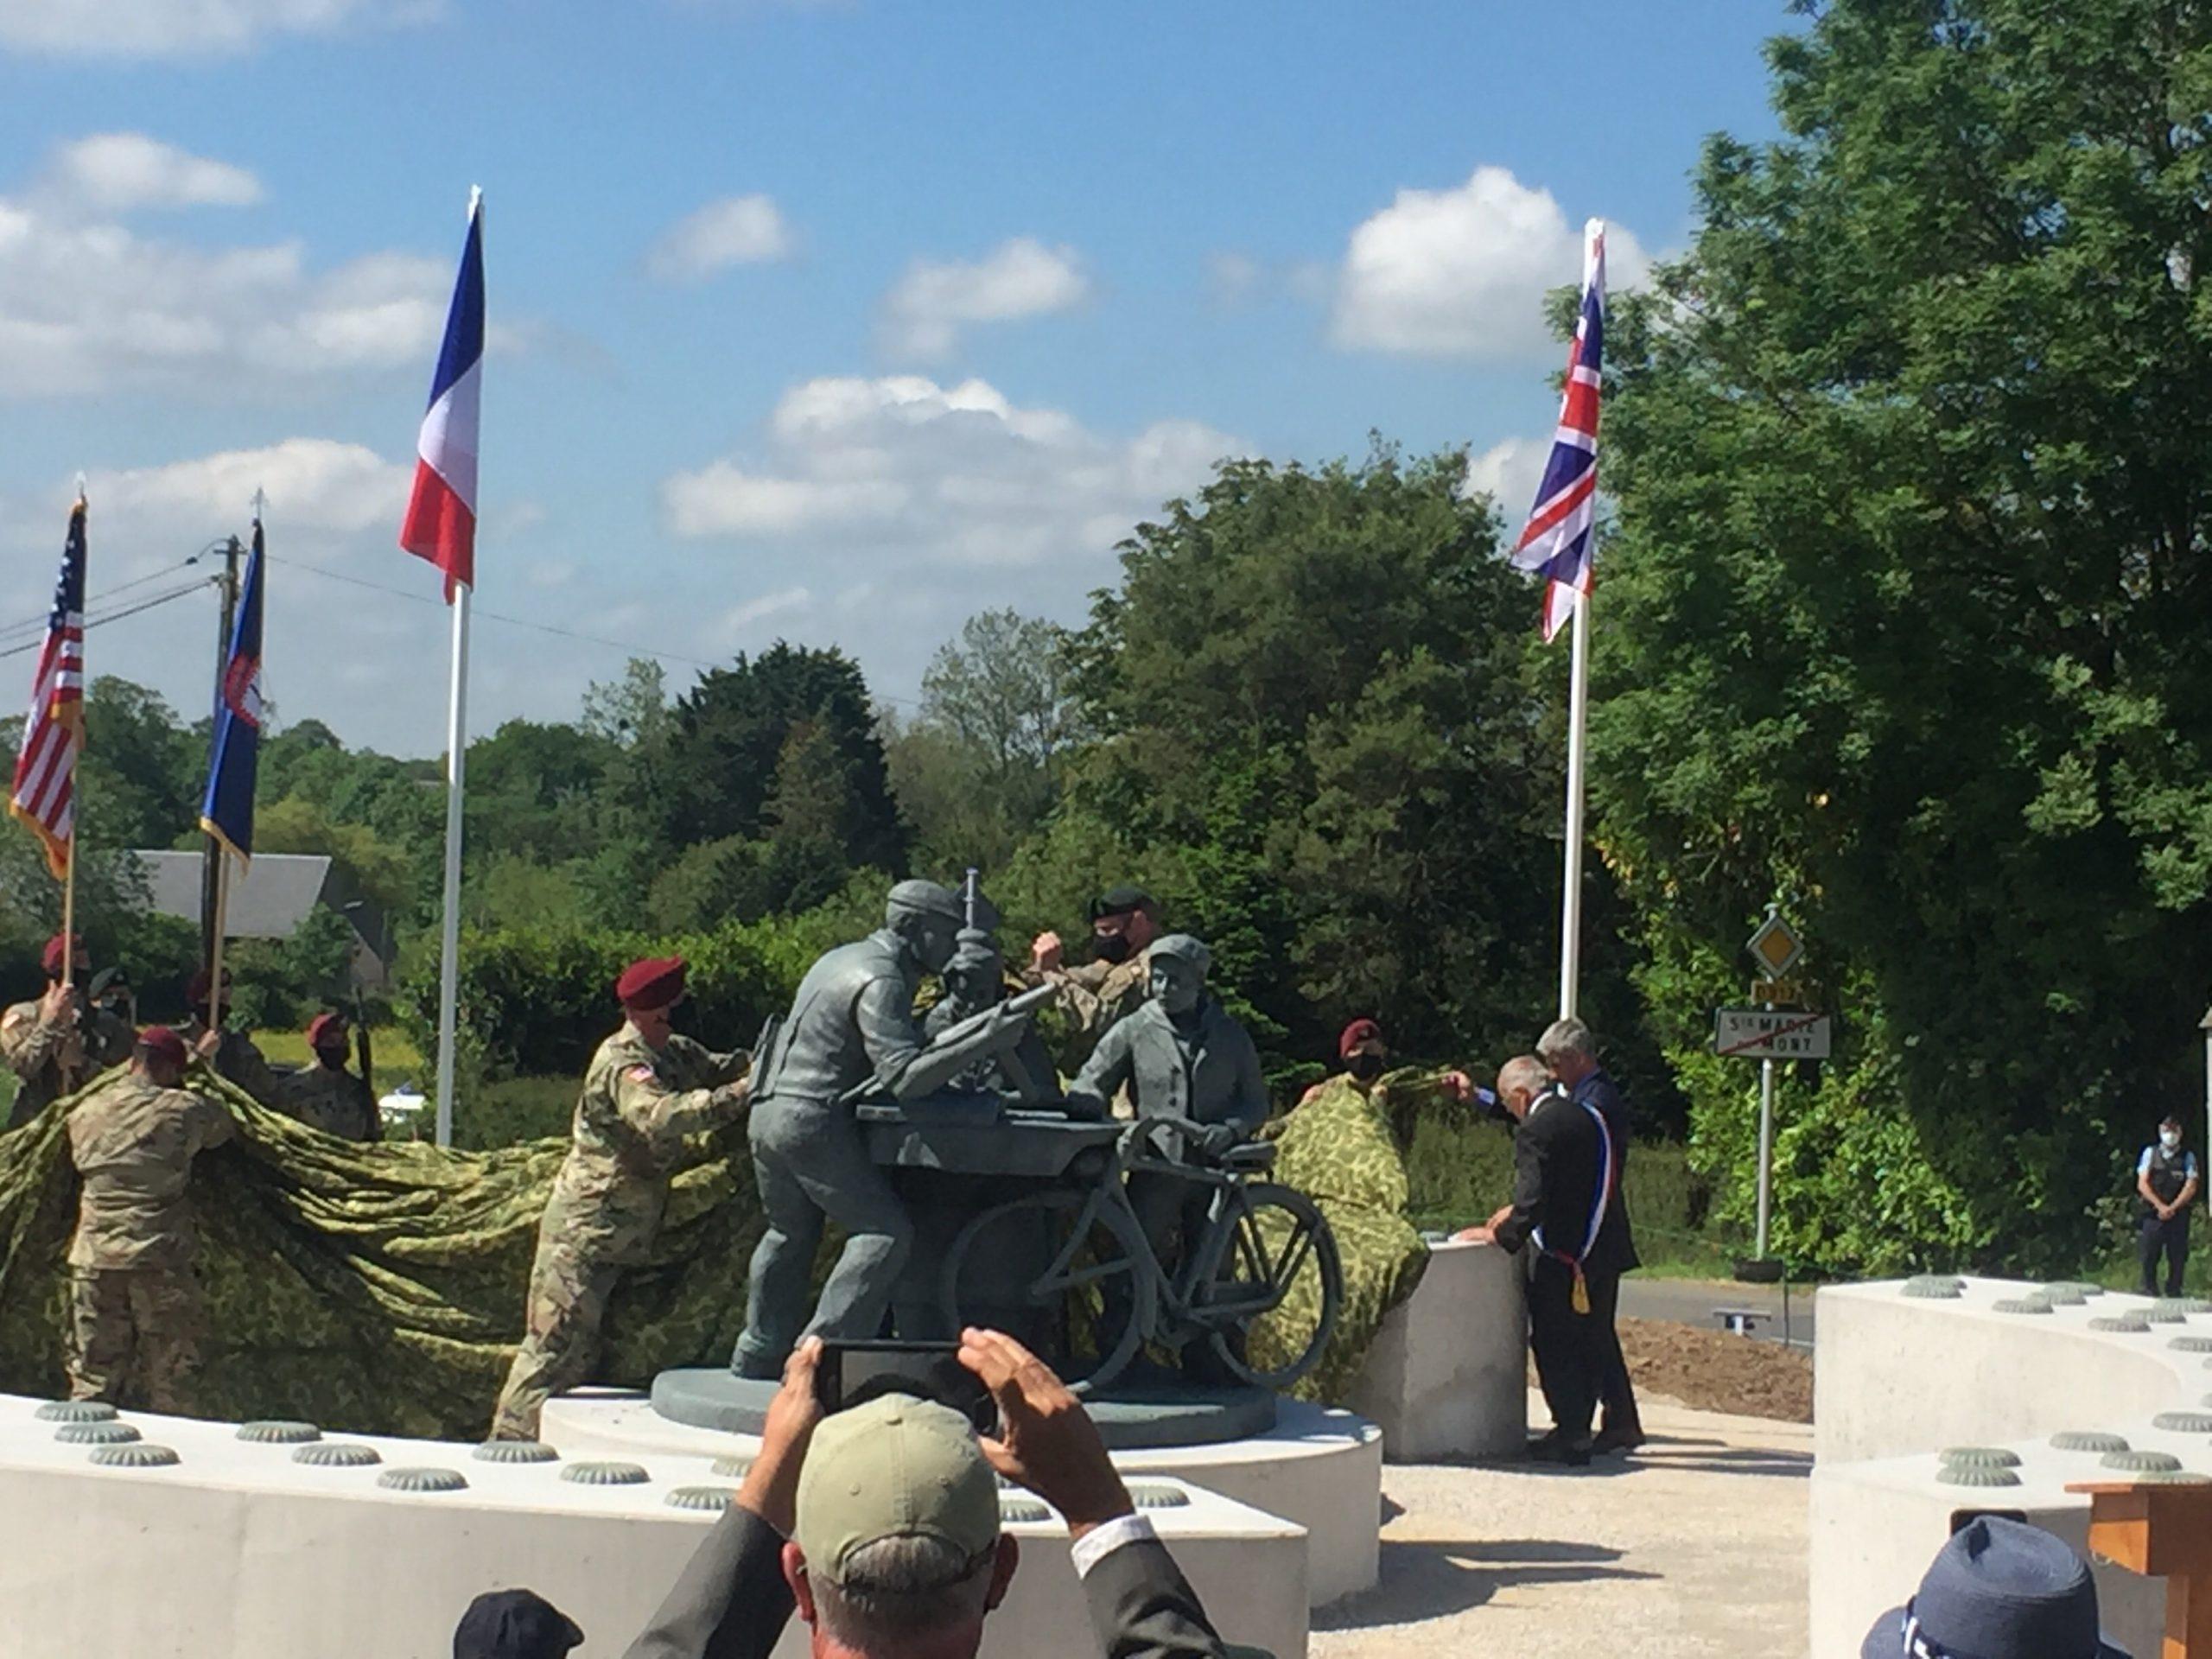 Inauguration d'un Monument à l'Esprit de Défense à Sainte-Marie-du-Mont